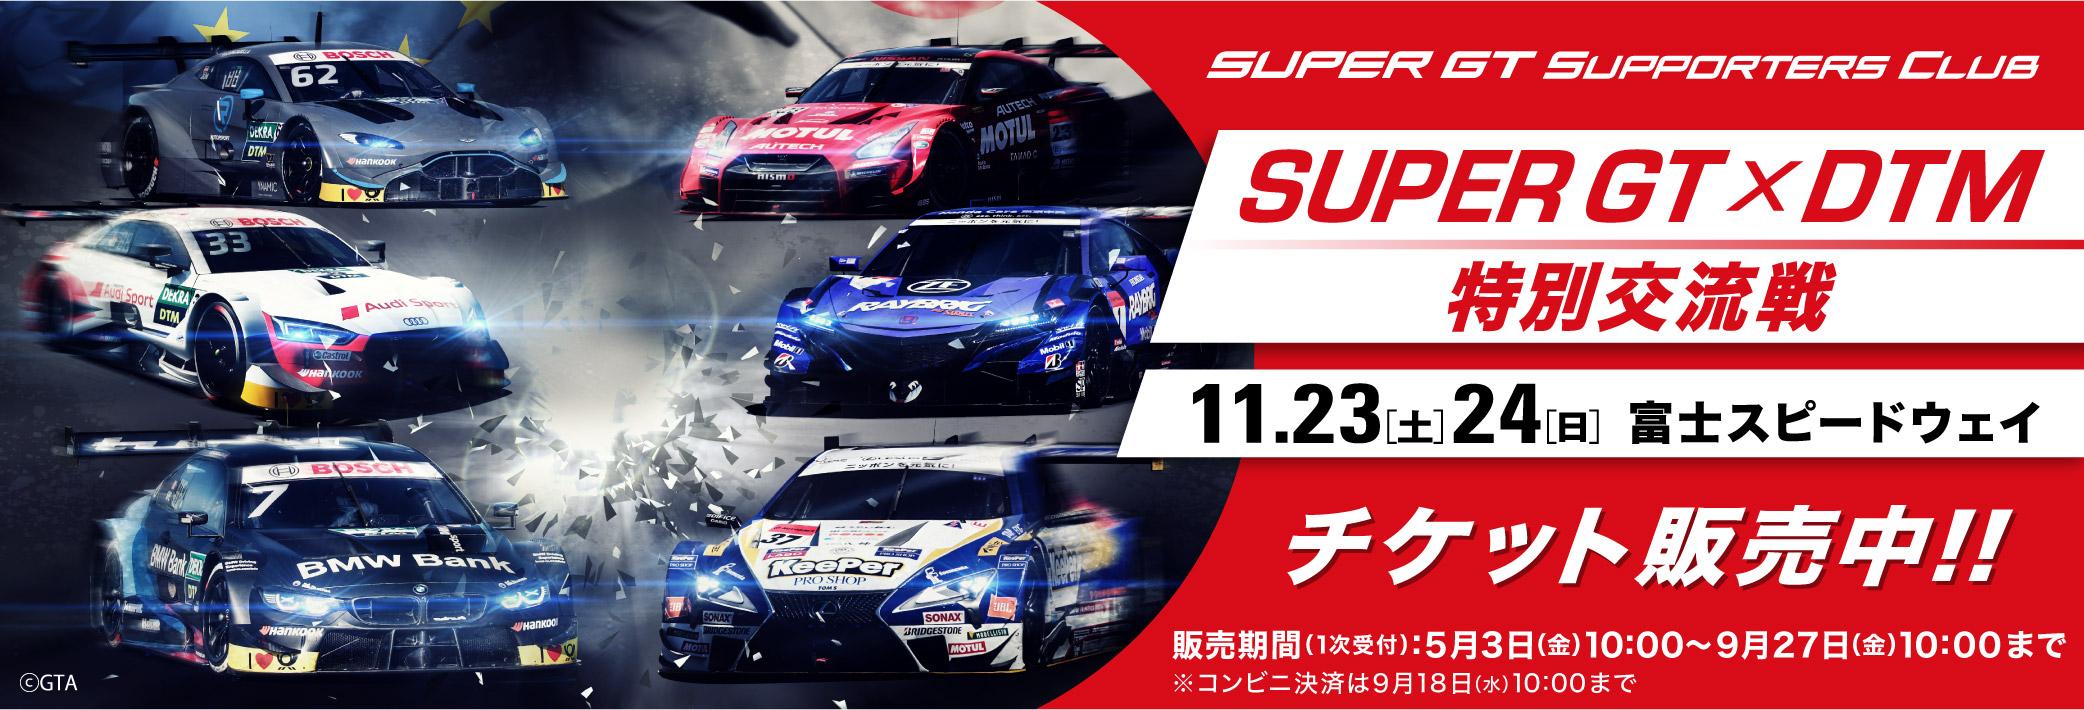 2019 SUPER GT × DTM 特別交流戦 チケット販売のご案内